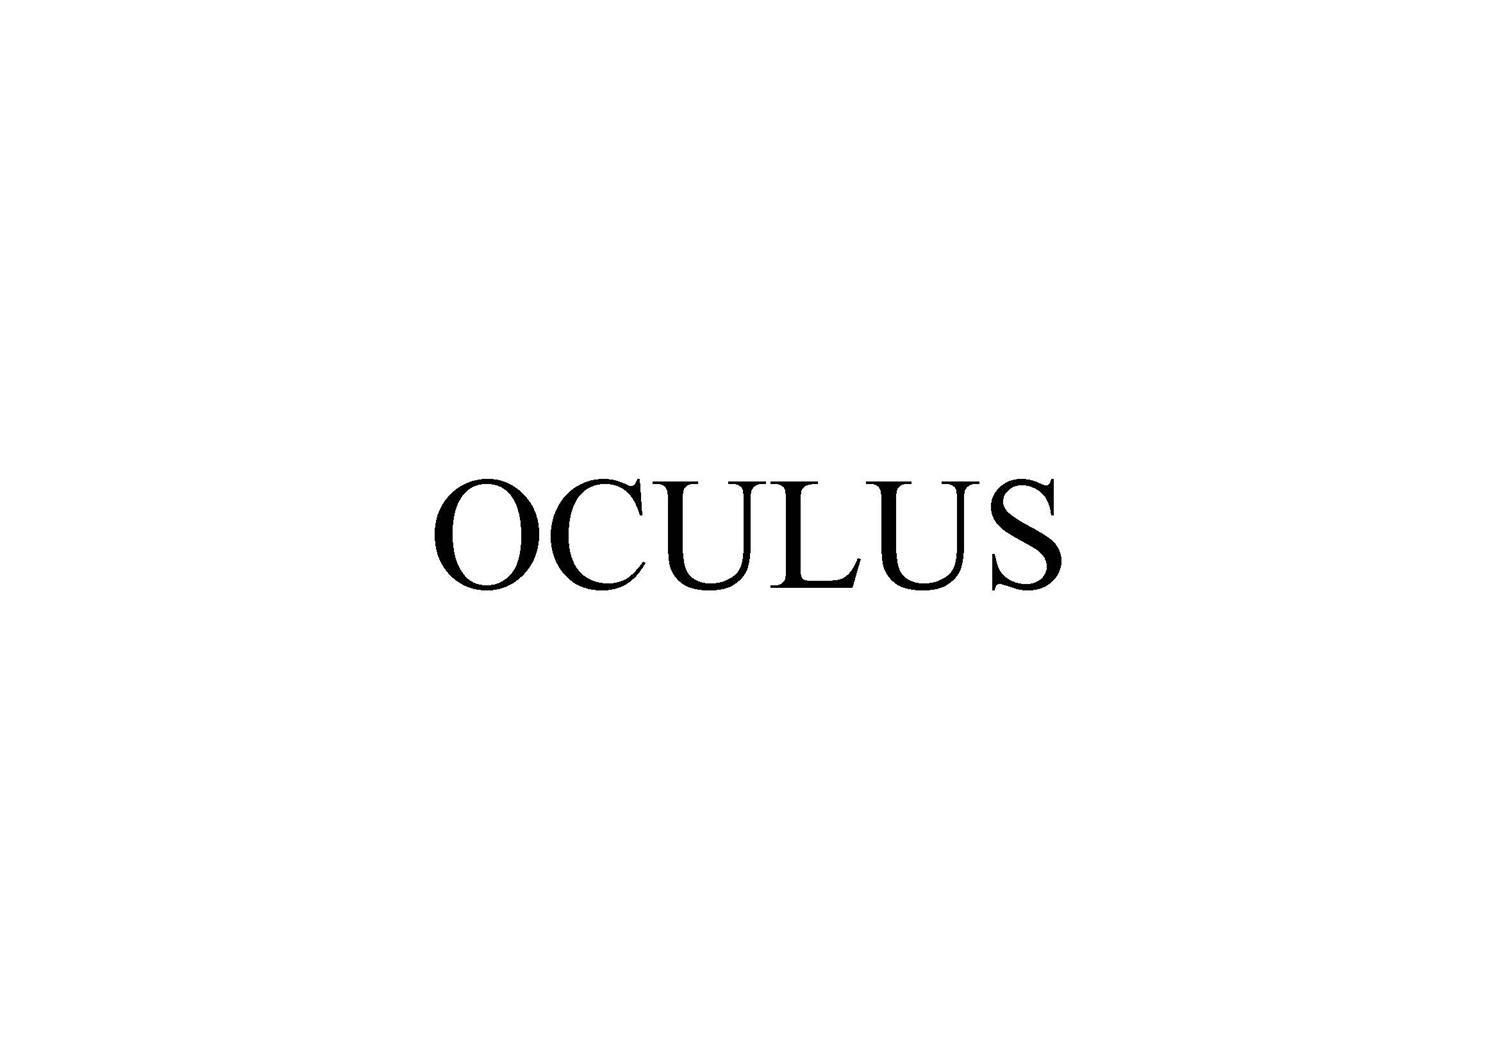 OCULUS 35 广告贸易 48037955